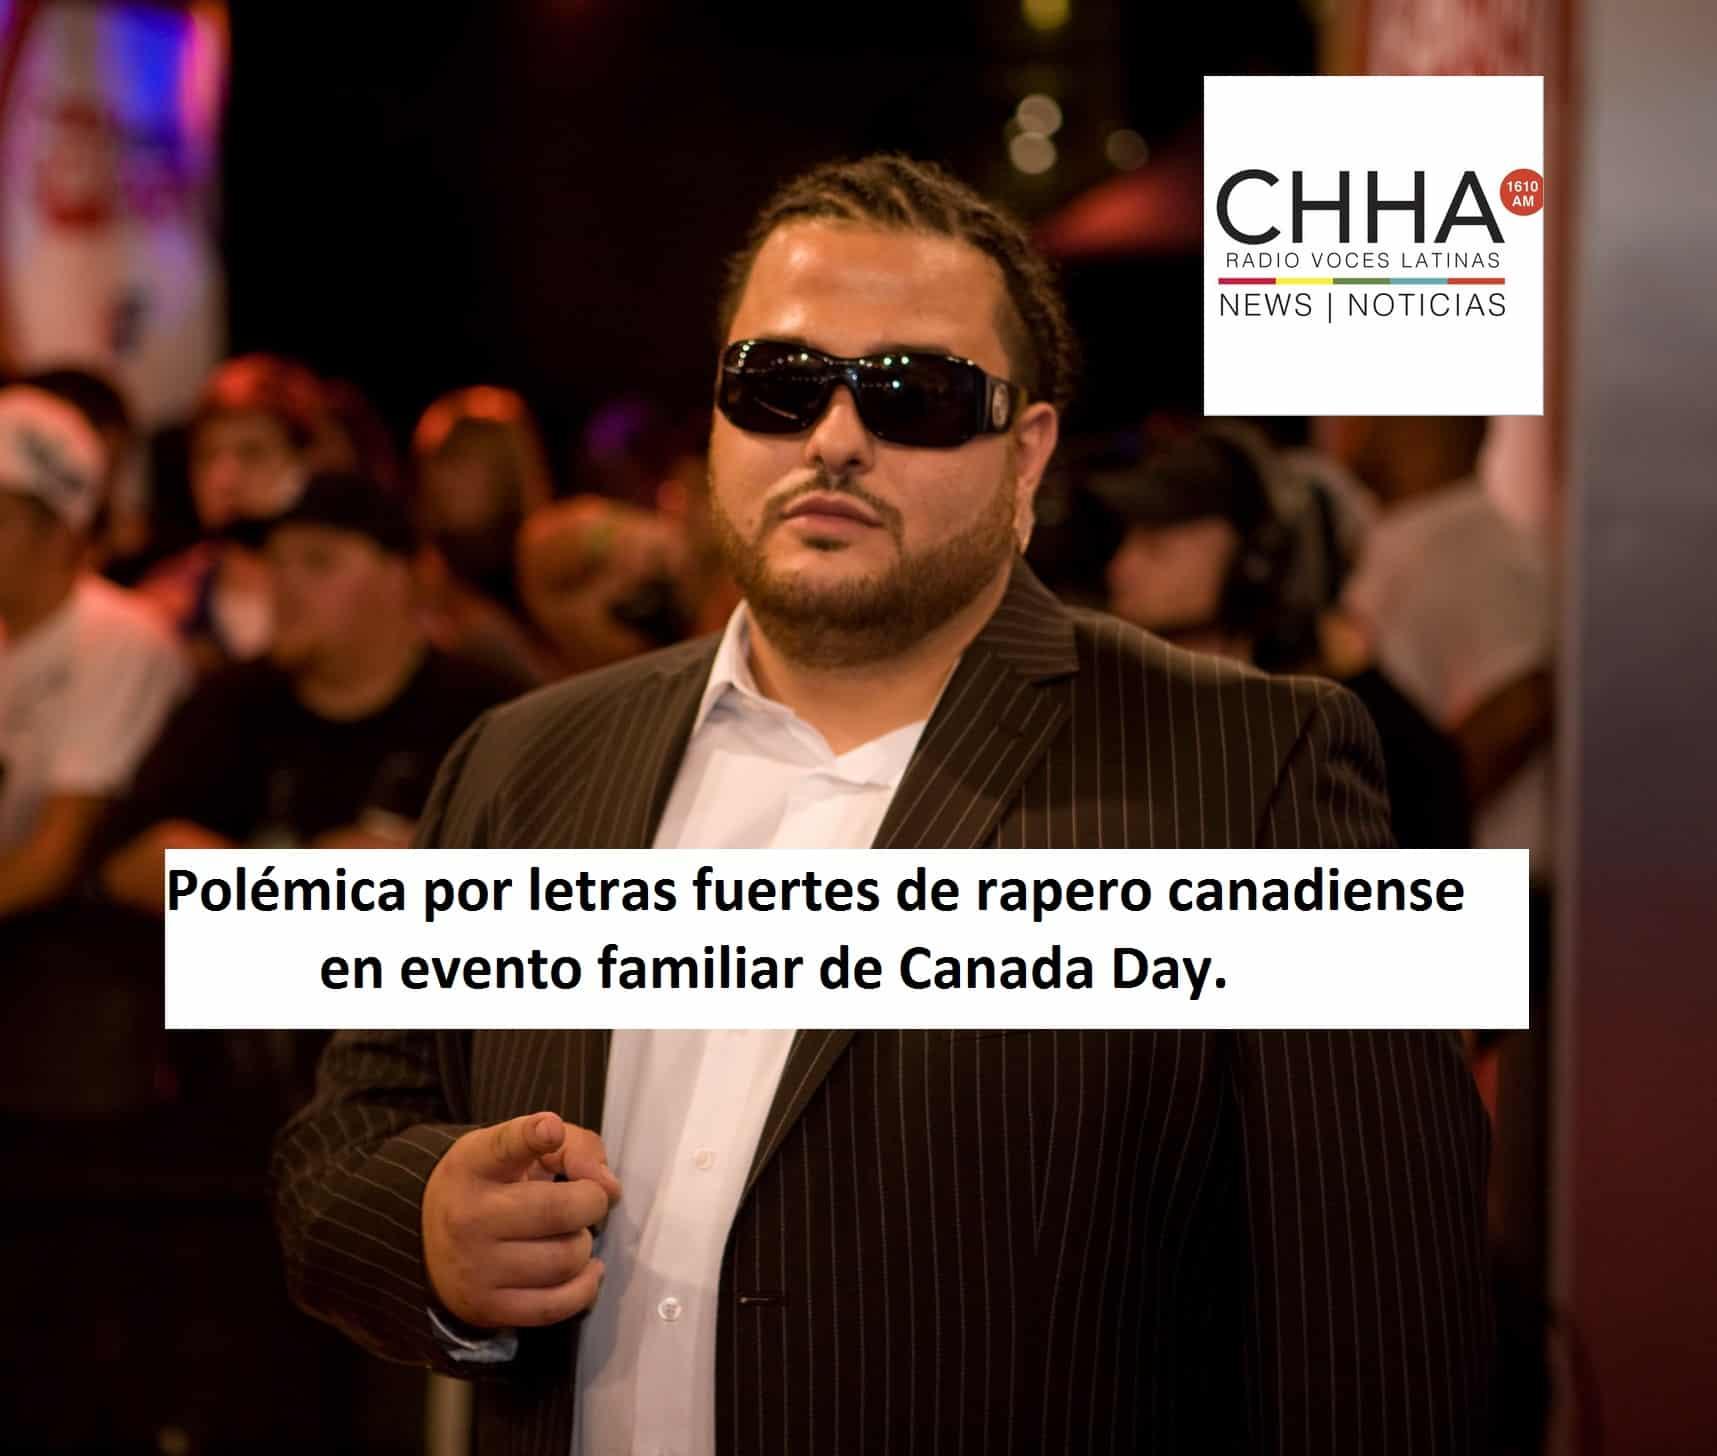 Polémica por letras fuertes de rapero canadiense en evento familiar de Canada Day